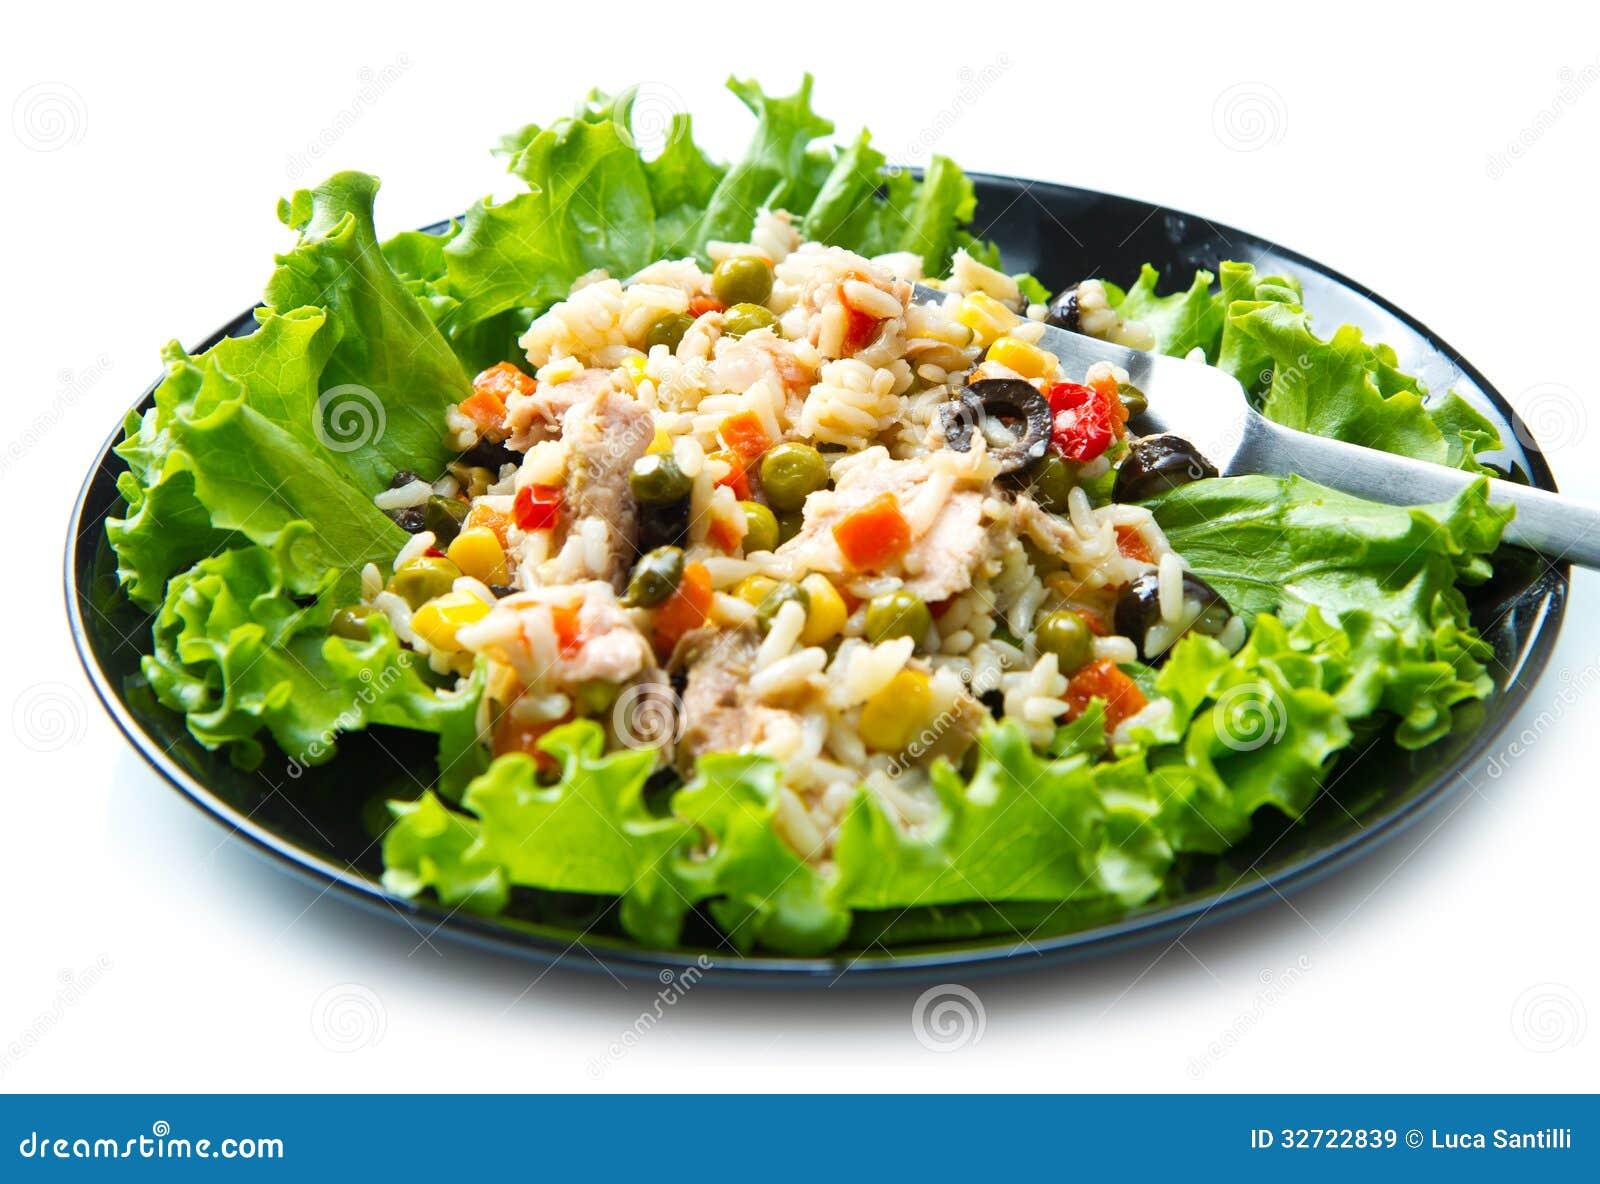 Ensalada de at n con arroz y verduras im genes de archivo - Ensalada de arroz y atun ...